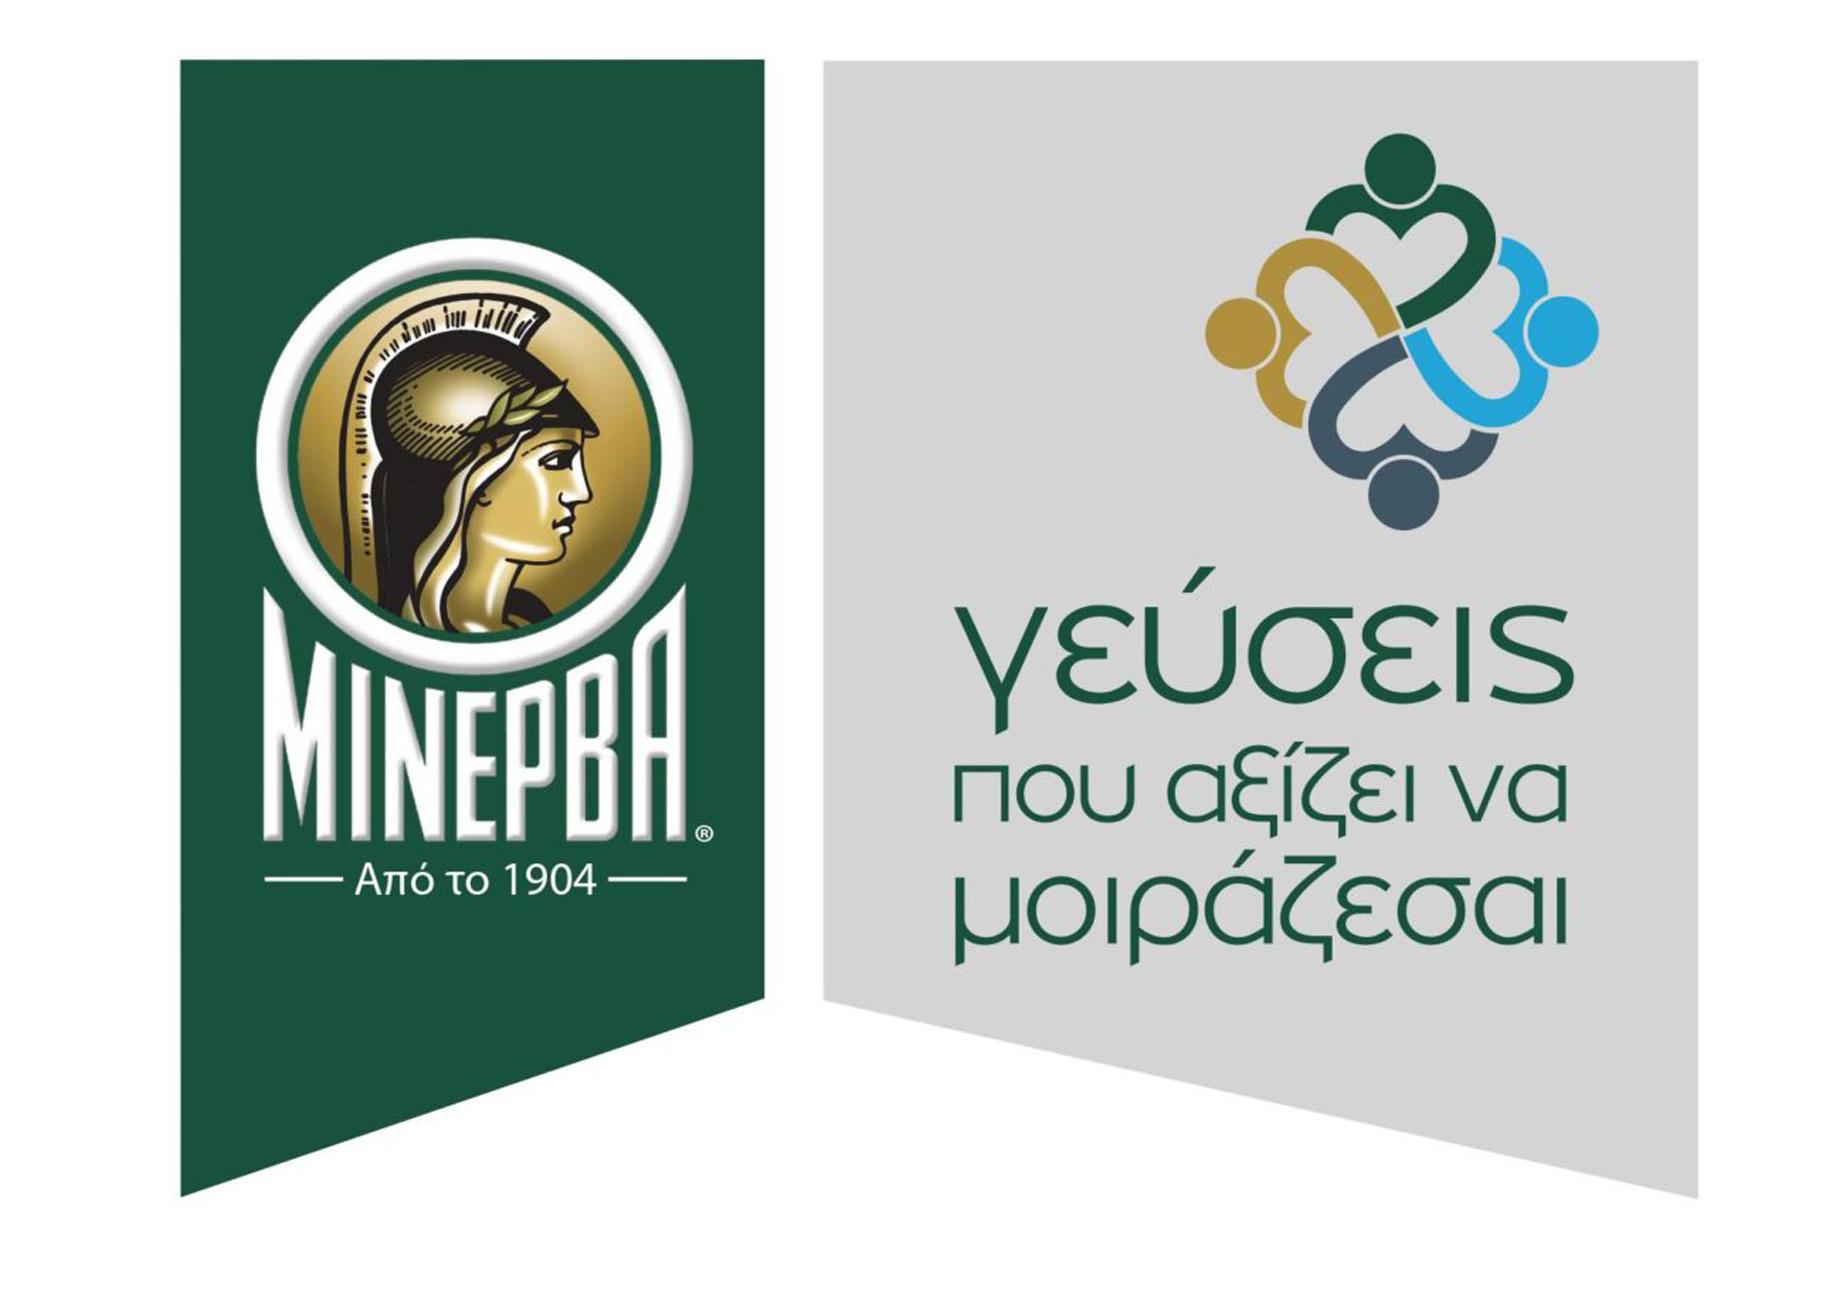 Ελαιουργική Μινέρβα: Εξαγόρασε την εταιρεία με τις εμπορικές μάρκες Brava και Delicia